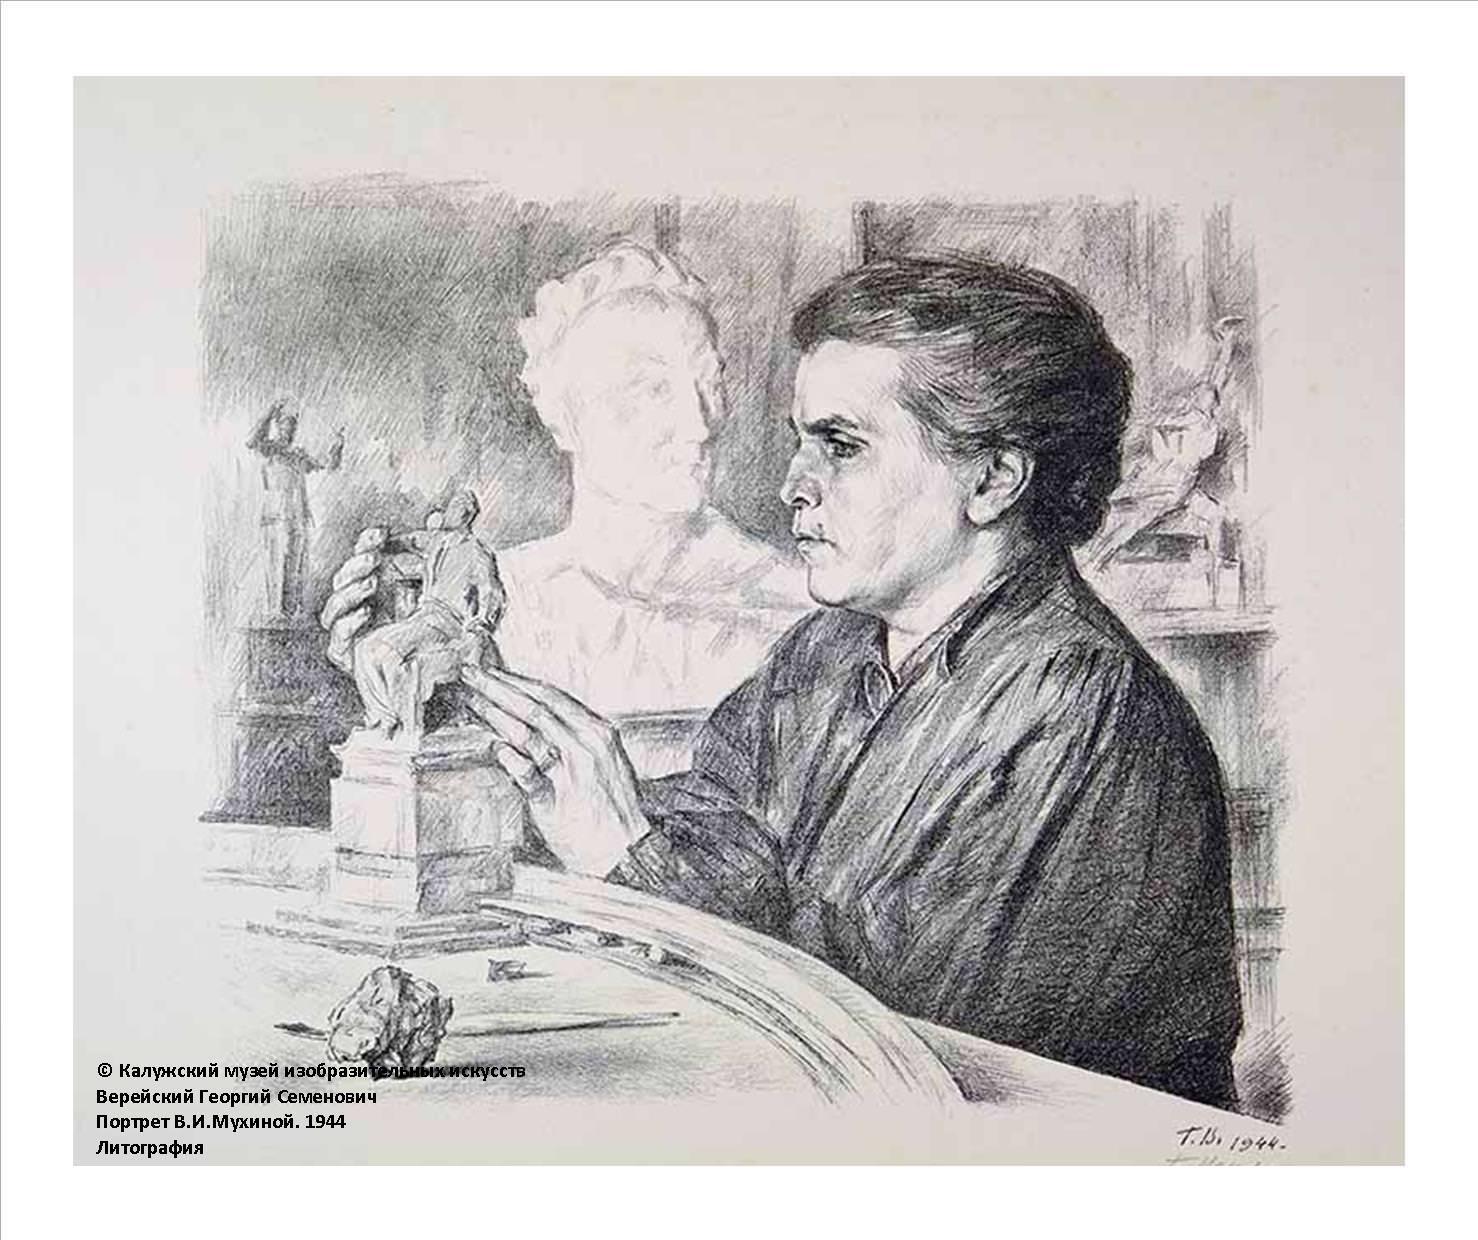 Выставка одной картины «Верейский Георгий Семенович «Портрет В.И. Мухиной»»